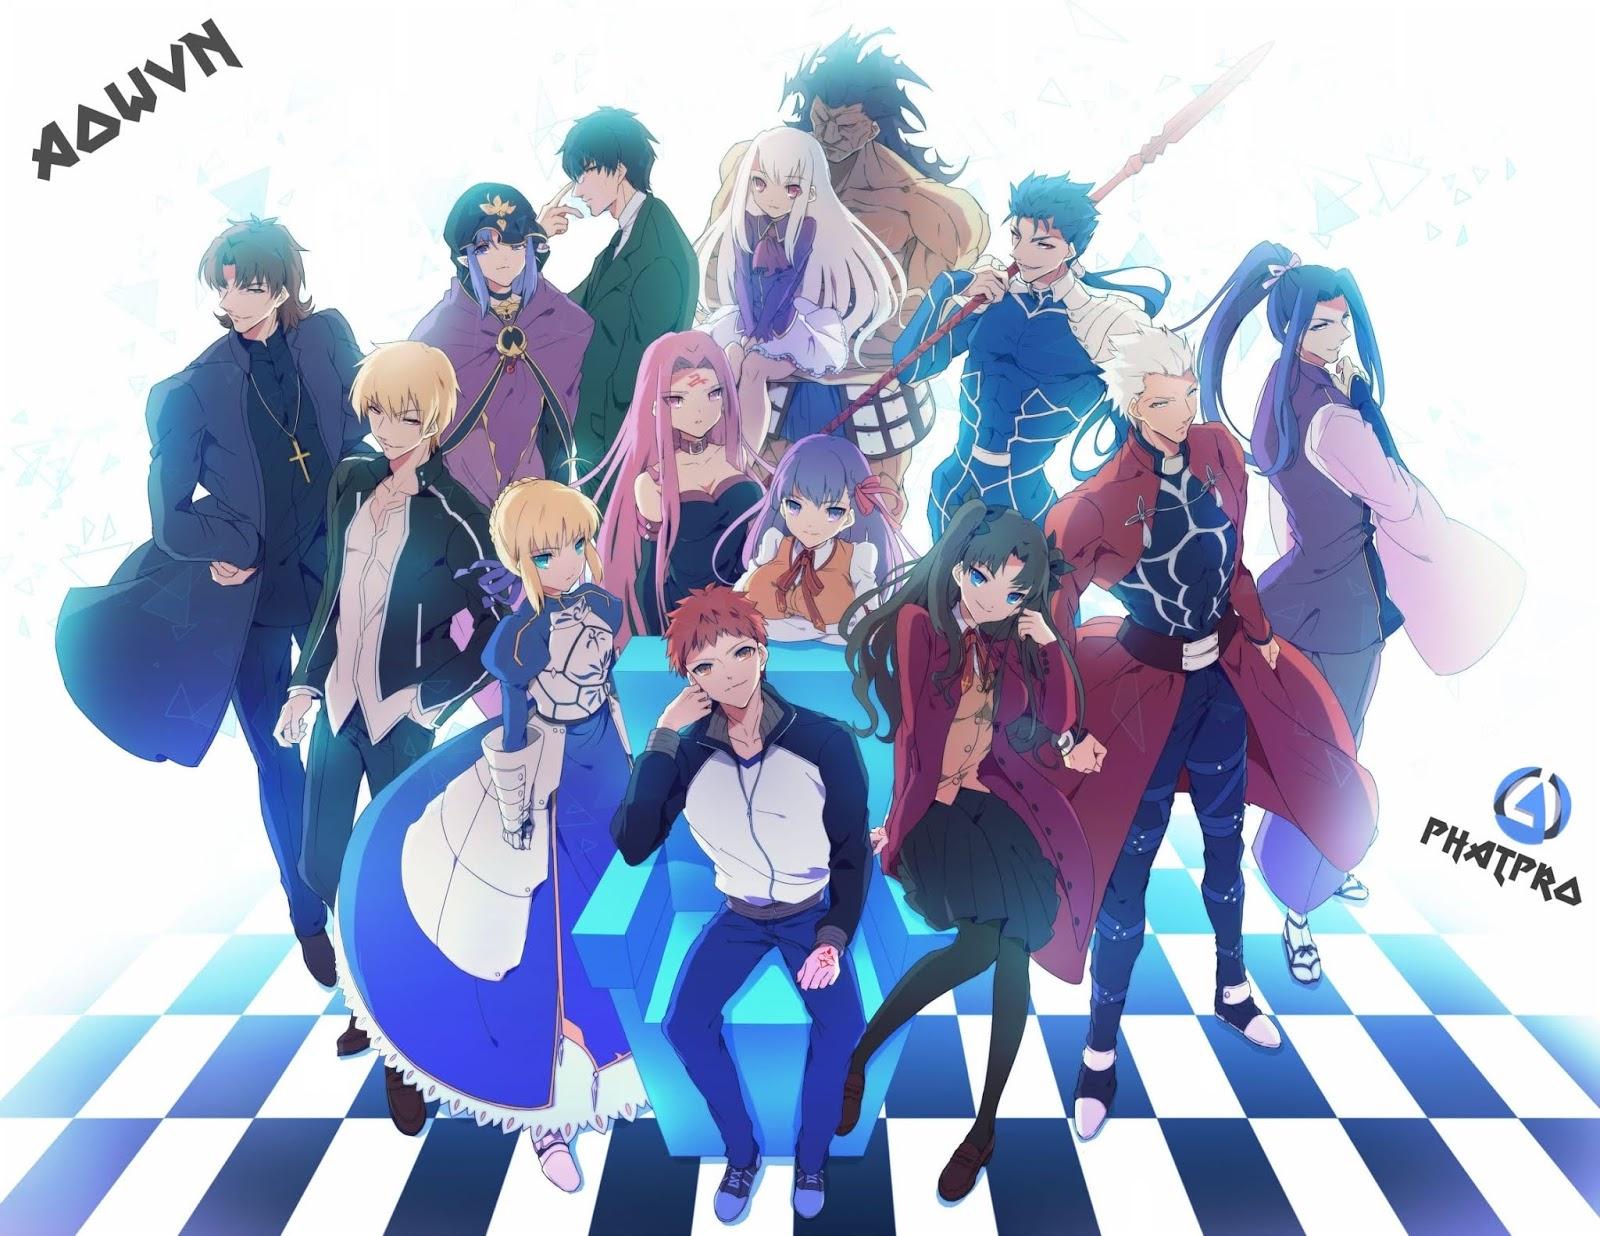 Fate%2B %2BPhatpro%2B%25286%2529 min - [ Anime 3gp Mp4 ] Series Fate : Thứ Tự Xem Theo Năm Sản Xuất Chuẩn Nhất - Không Xem Rất Là Phí